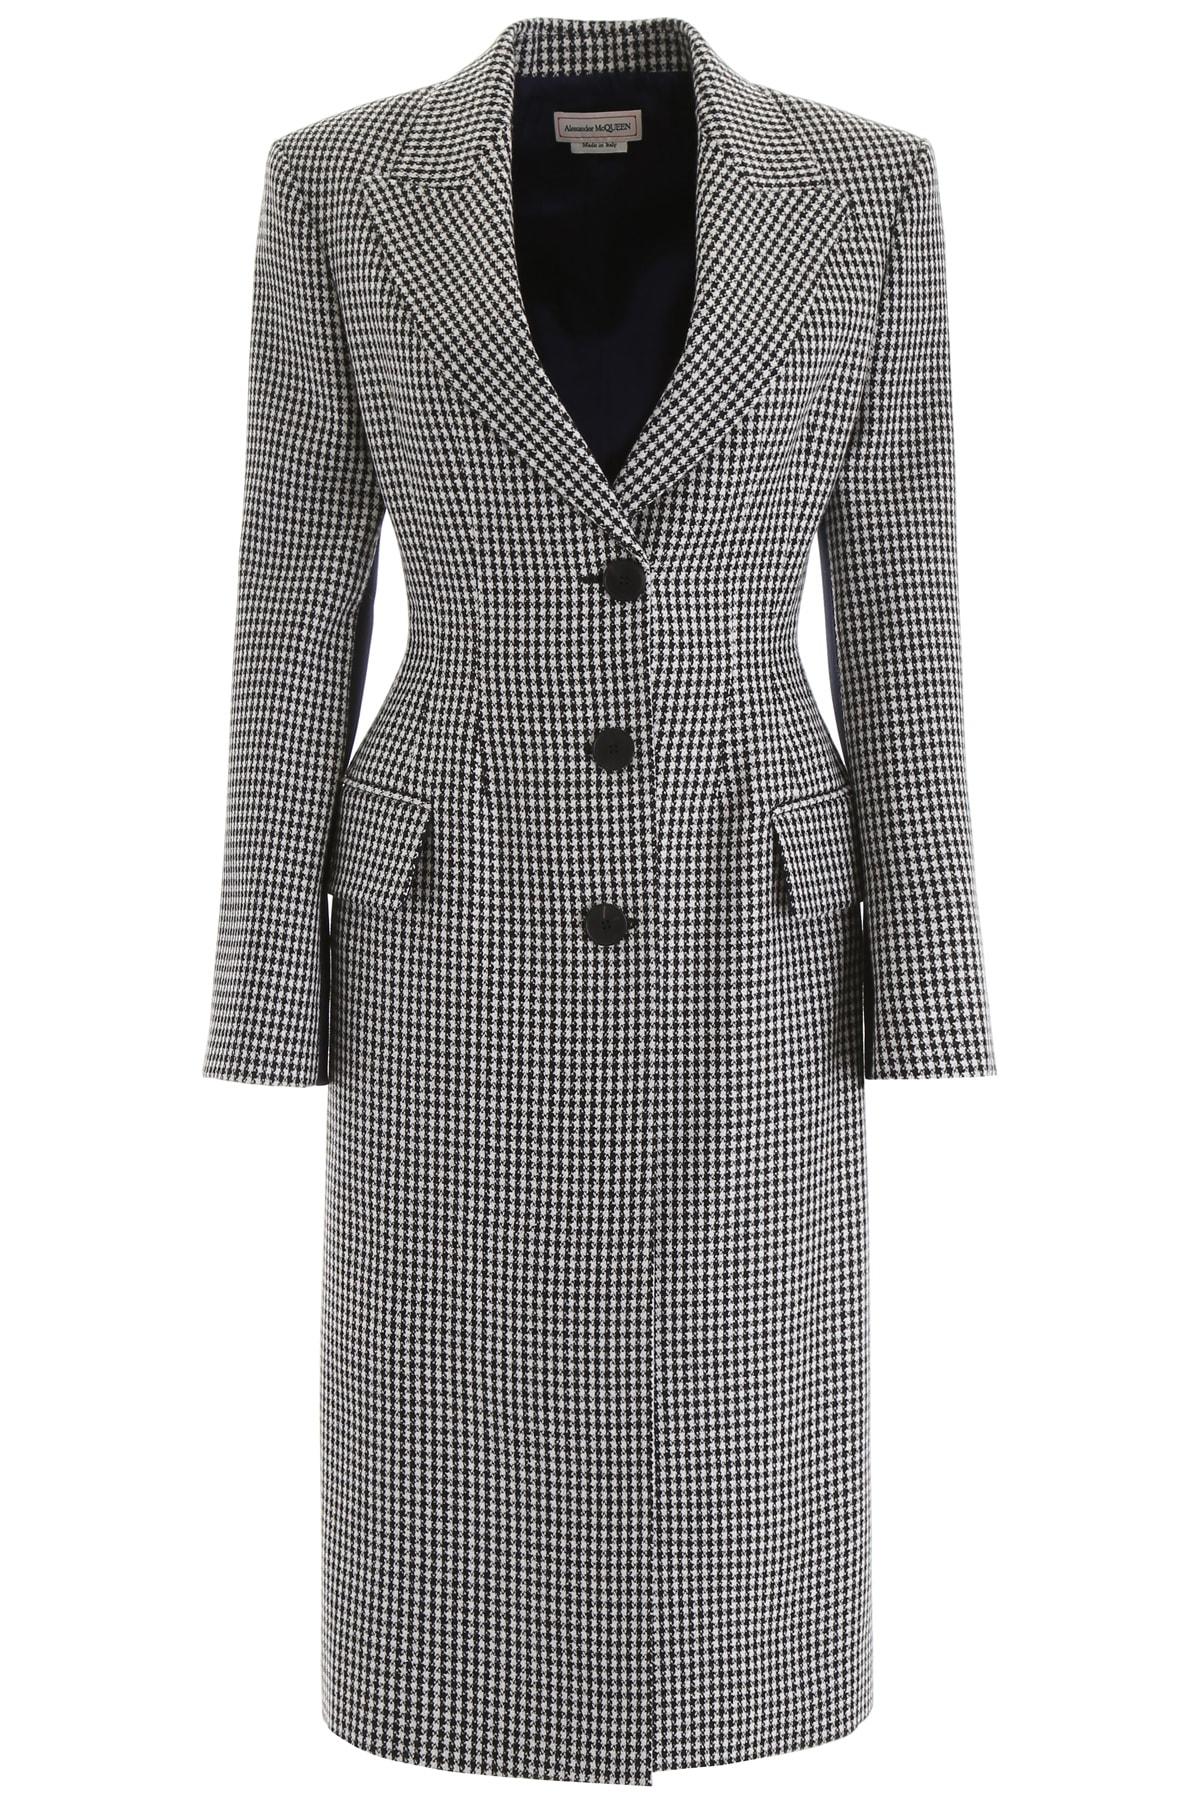 Alexander McQueen Houndstooth Coat